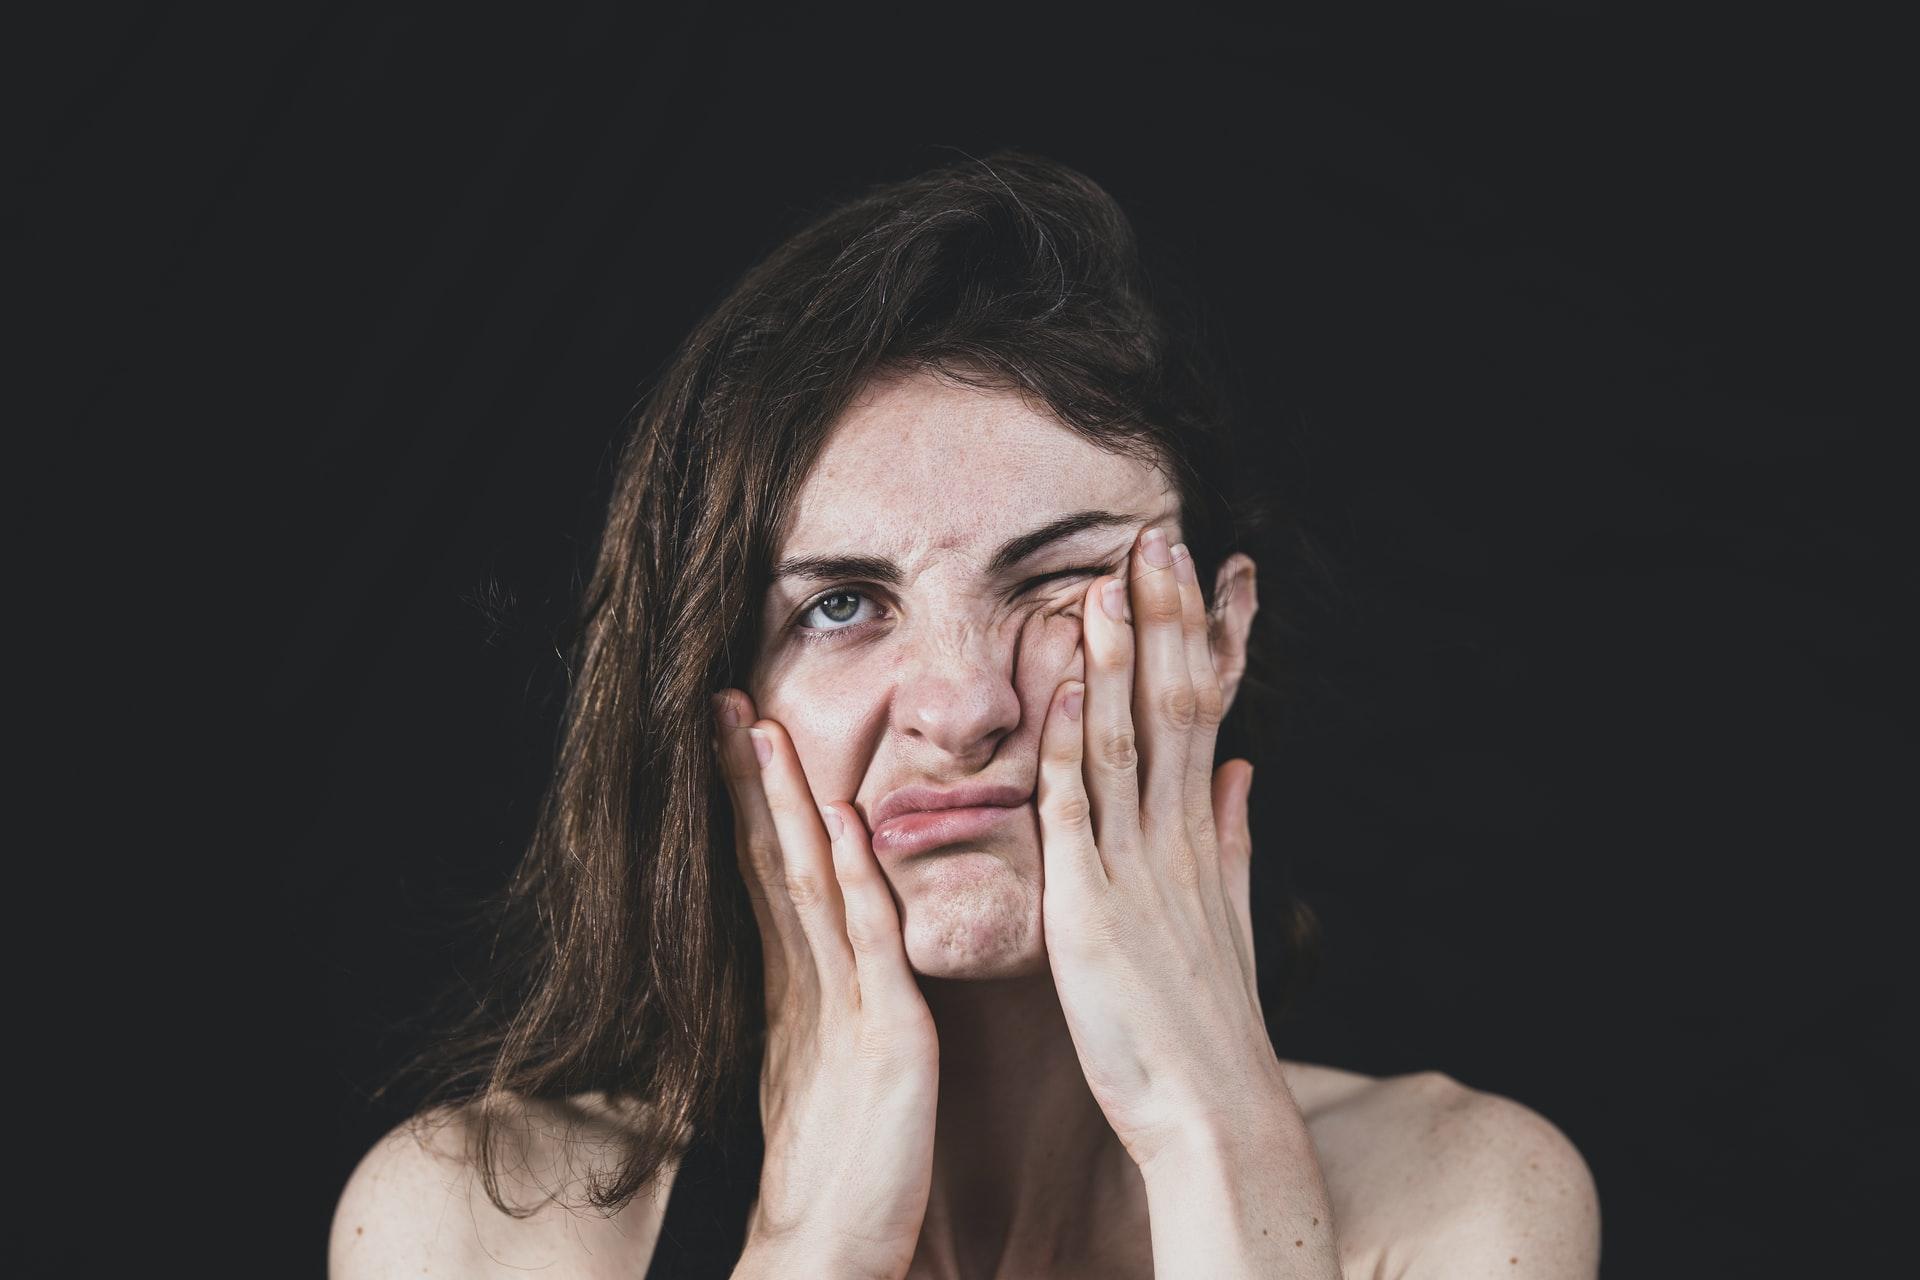 comment faire de son mieux et gérér son émotivité pour faire un discours d'enterrement